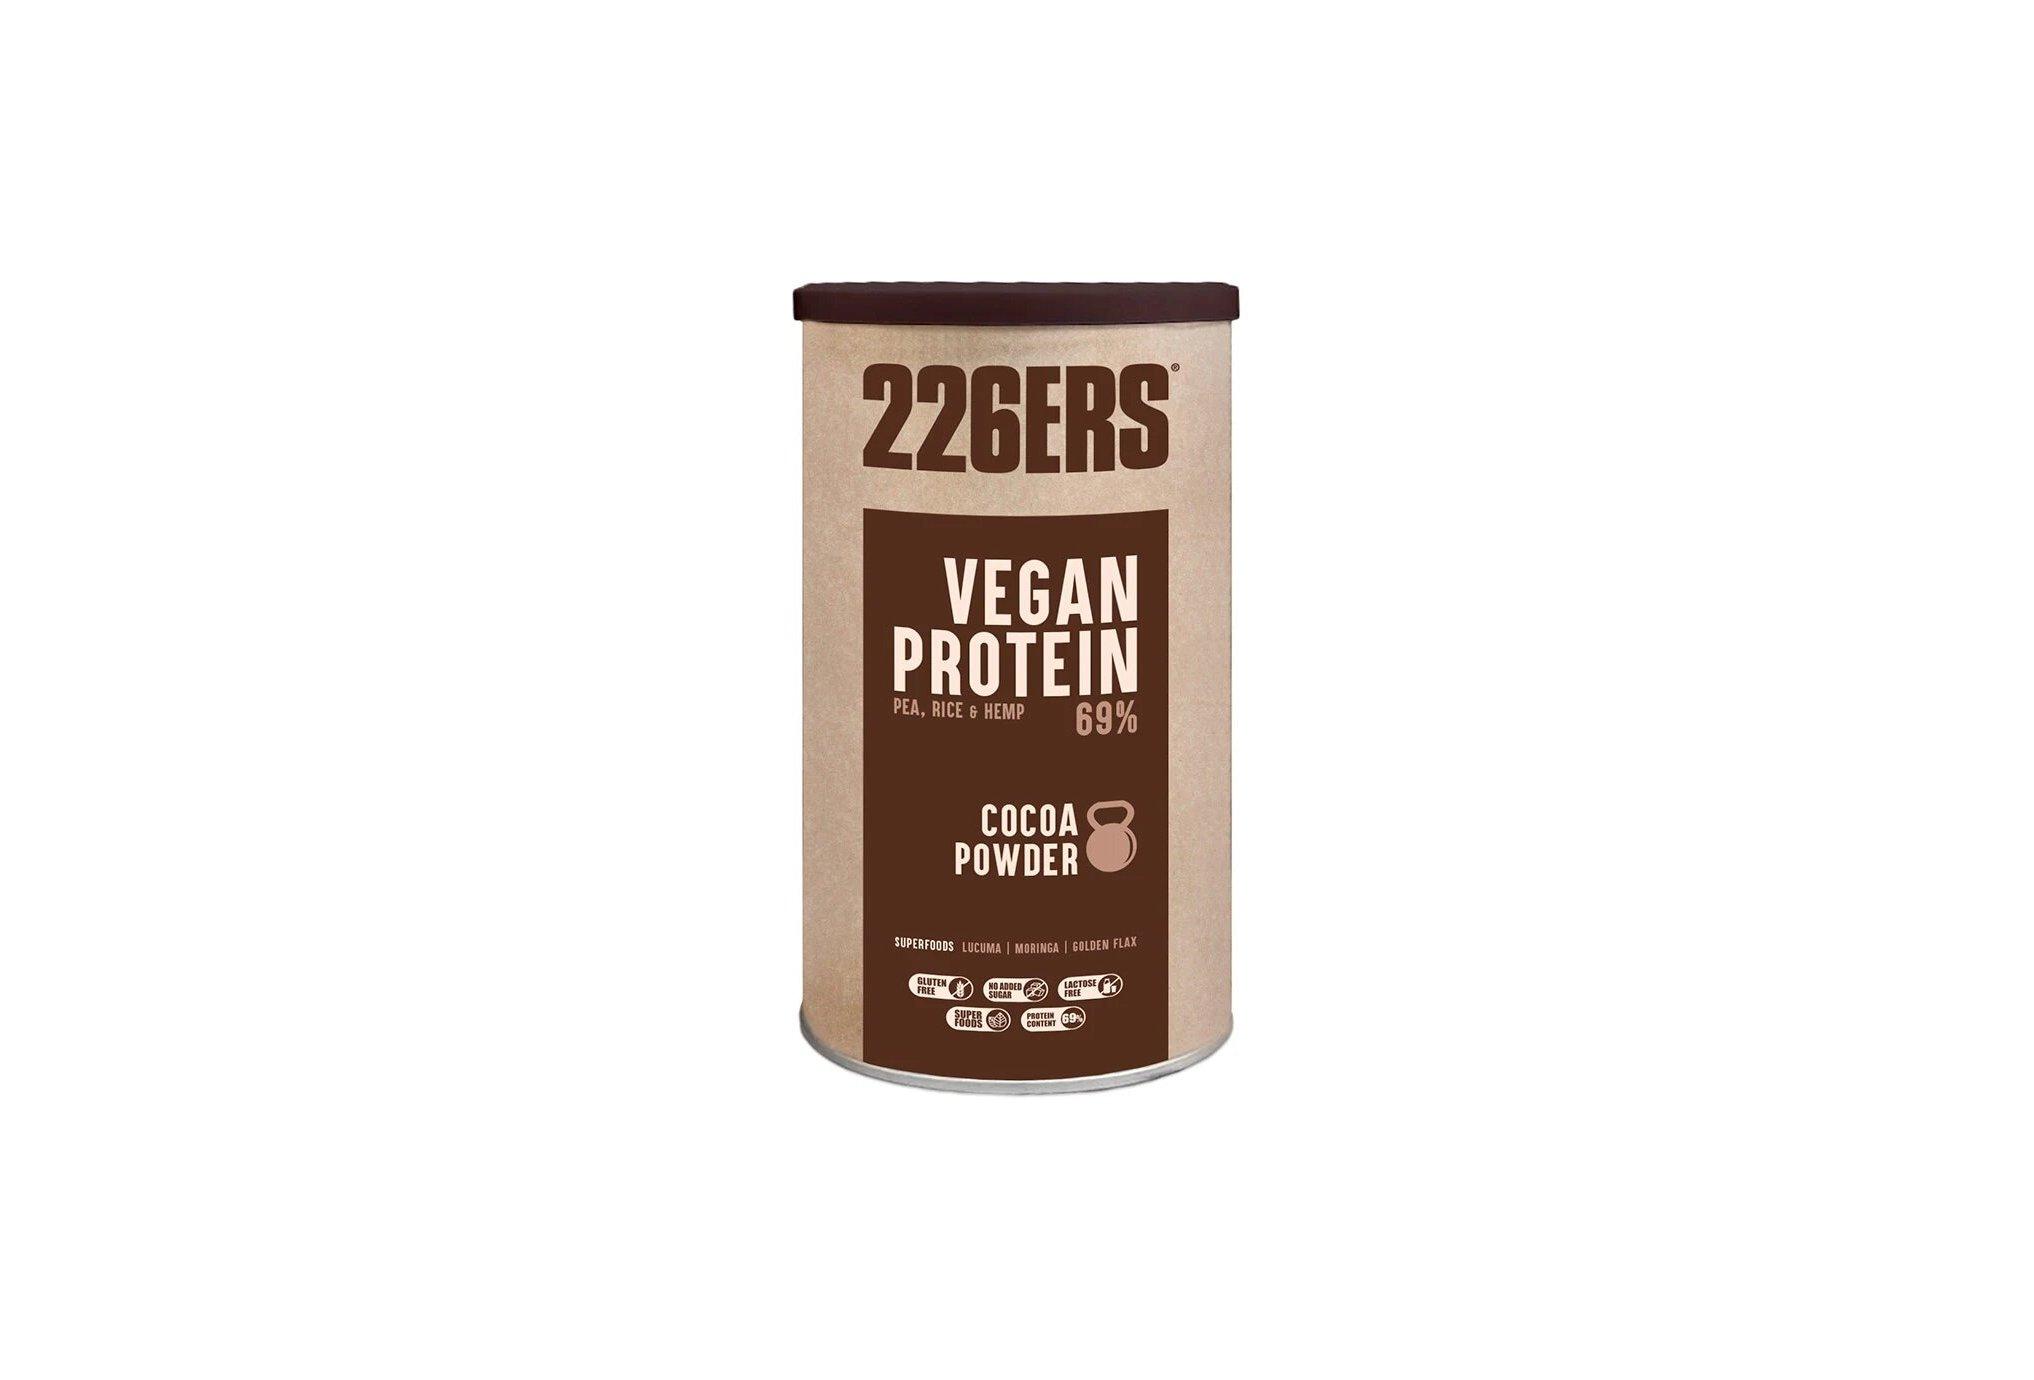 226ers Vegan Protein 700 g - Chocolat Diététique Protéines / récupération